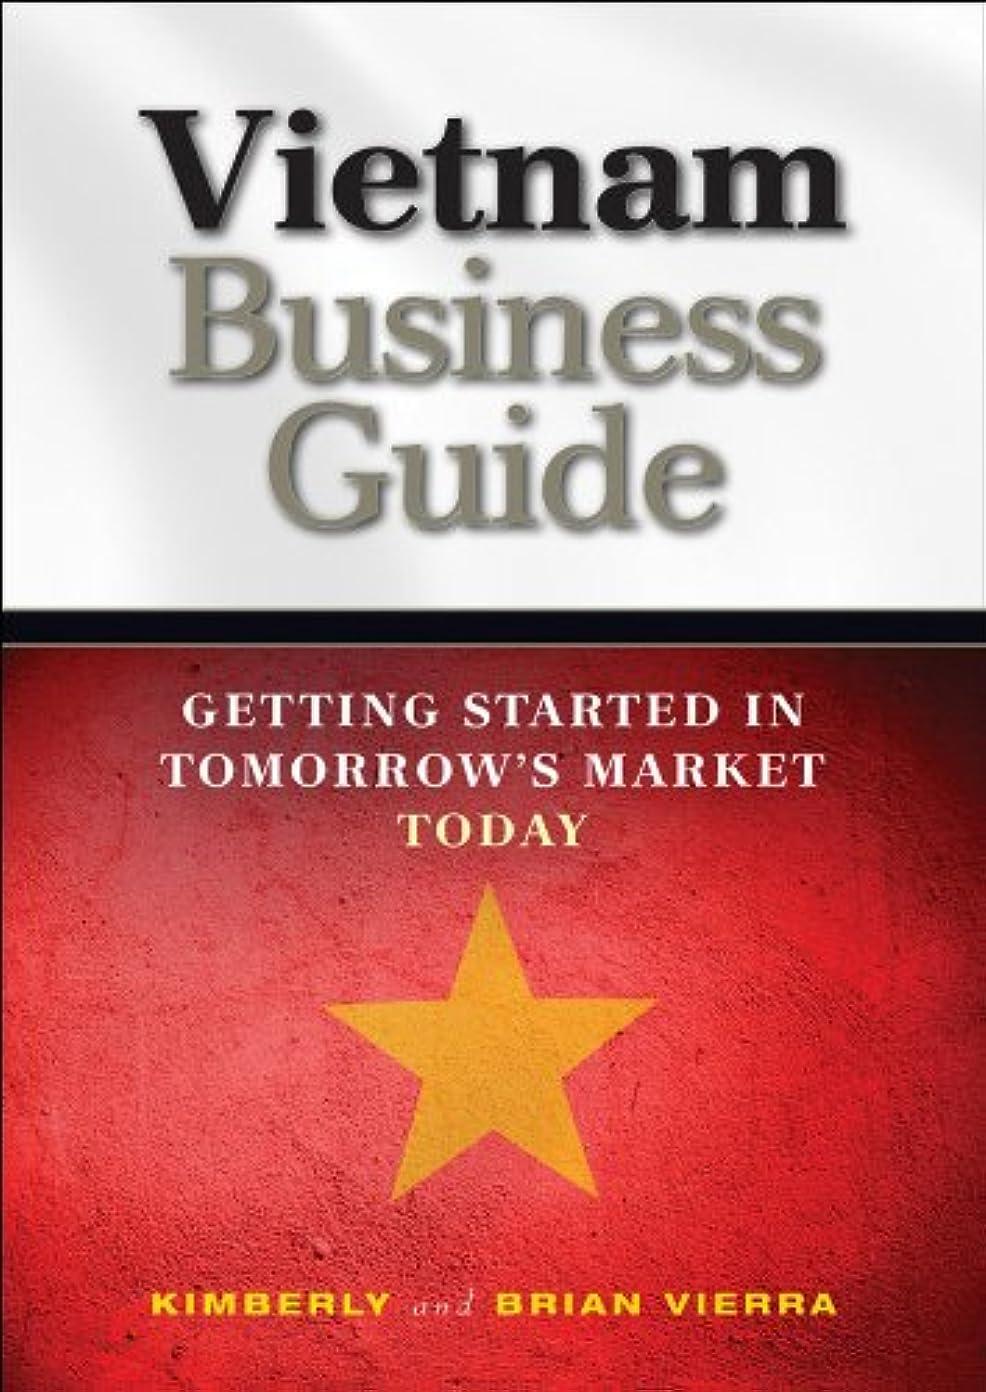 コショウ警告製油所Vietnam Business Guide: Getting Started in Tomorrow's Market Today (English Edition)